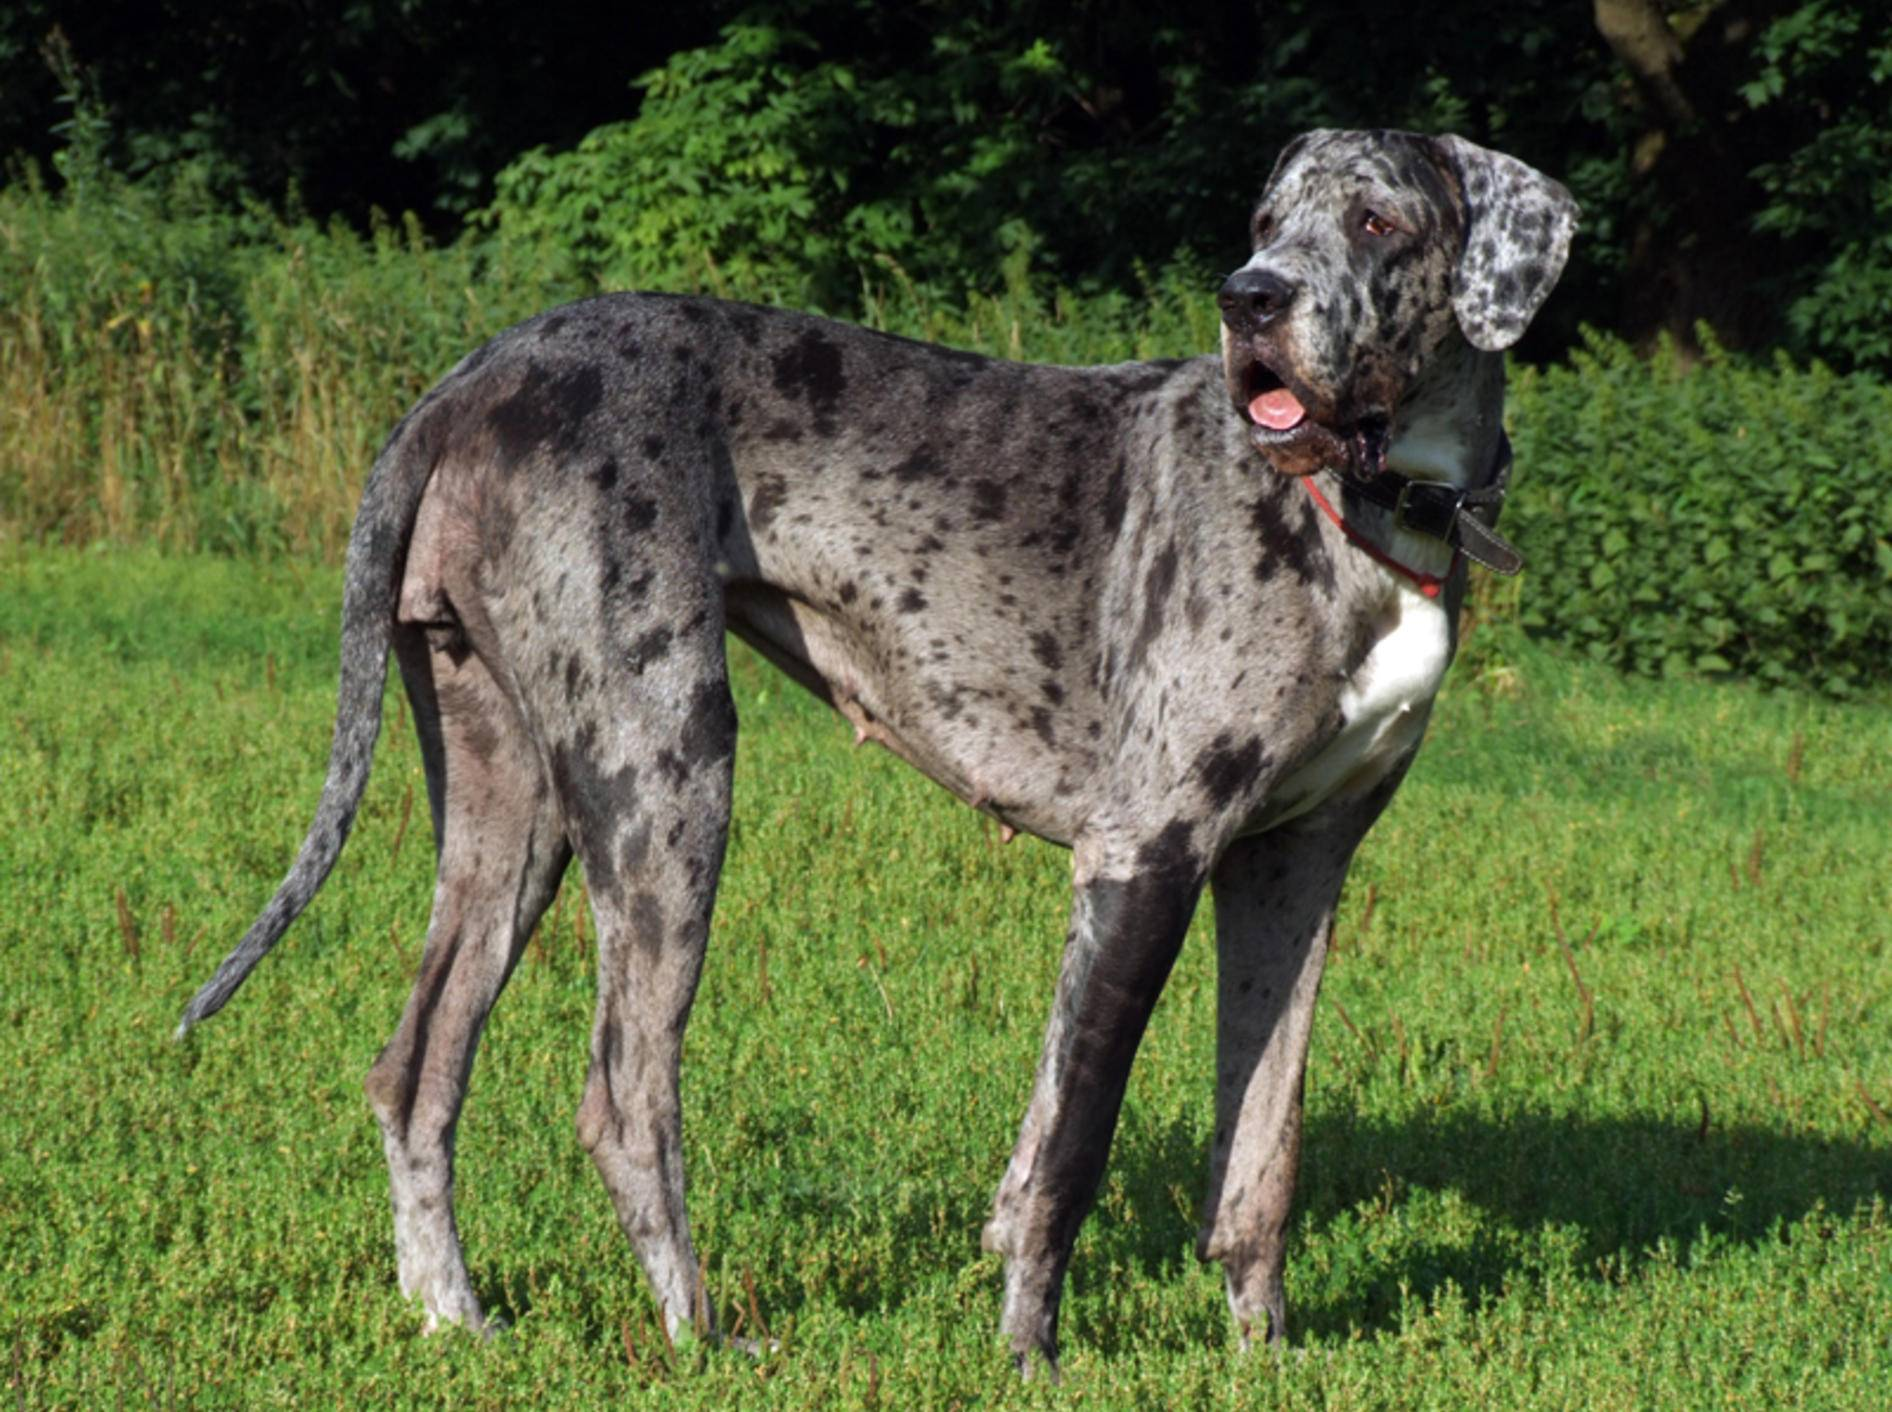 """Im Rassestandard der verschiedenen Länder wird die Deutsche Dogge anders behandelt als der """"Great Dane"""" – Bild: Shutterstock / velora"""